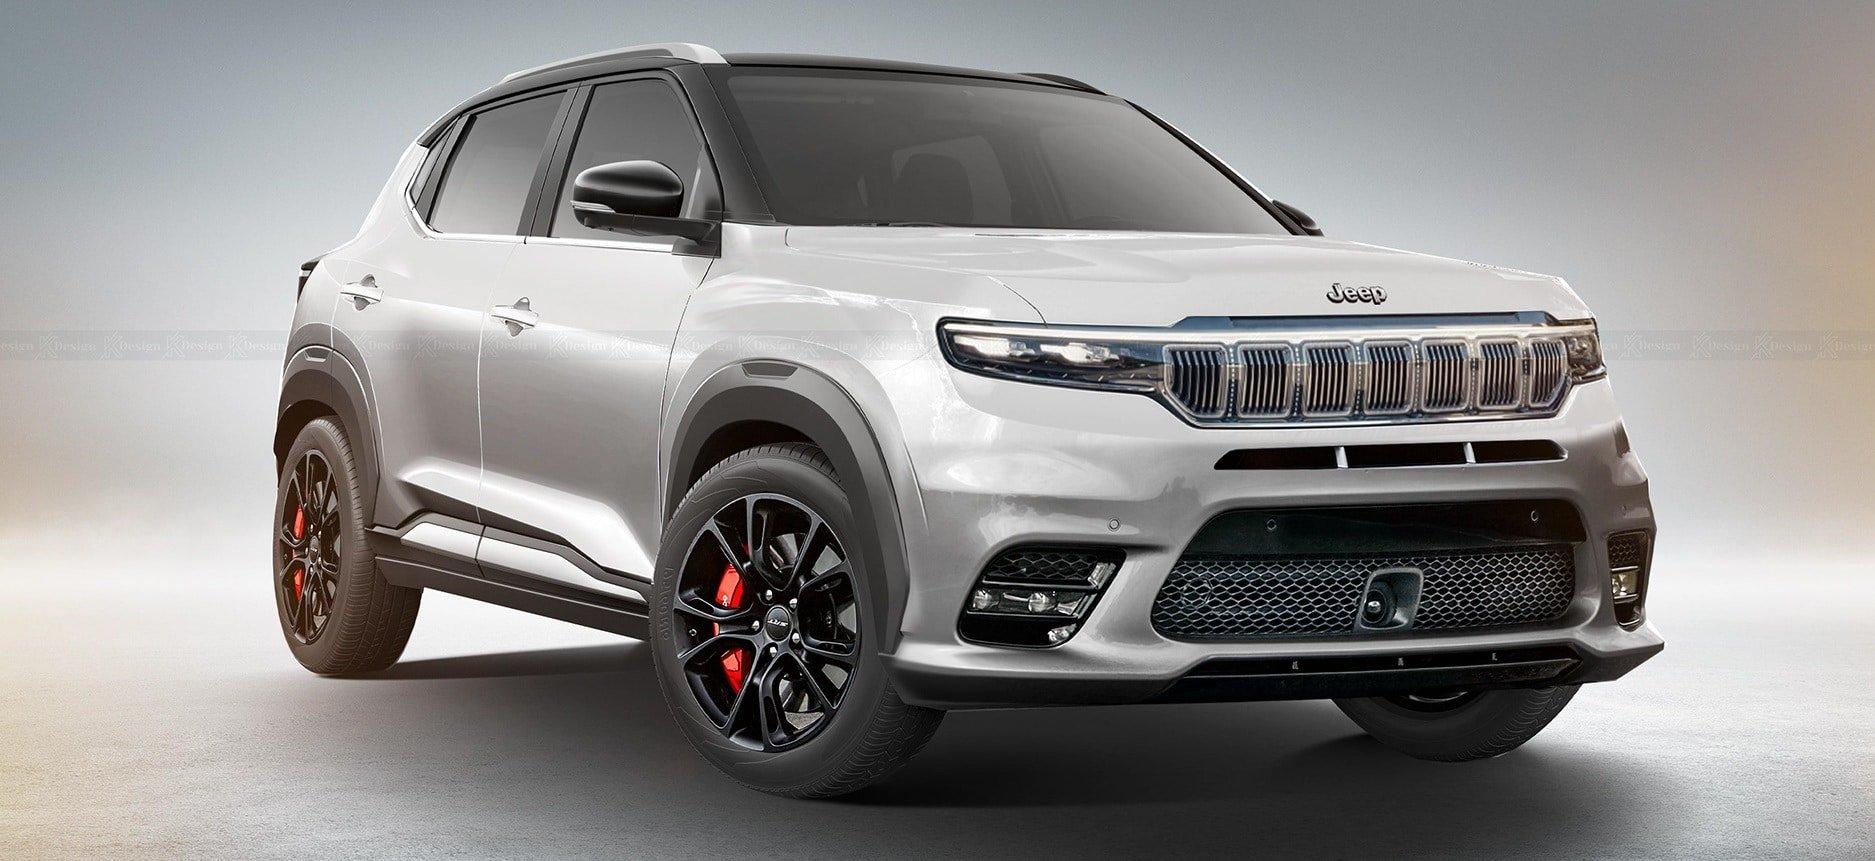 Nuova Jeep Renegade 2023: tante incognite e linee nuove per il suv?